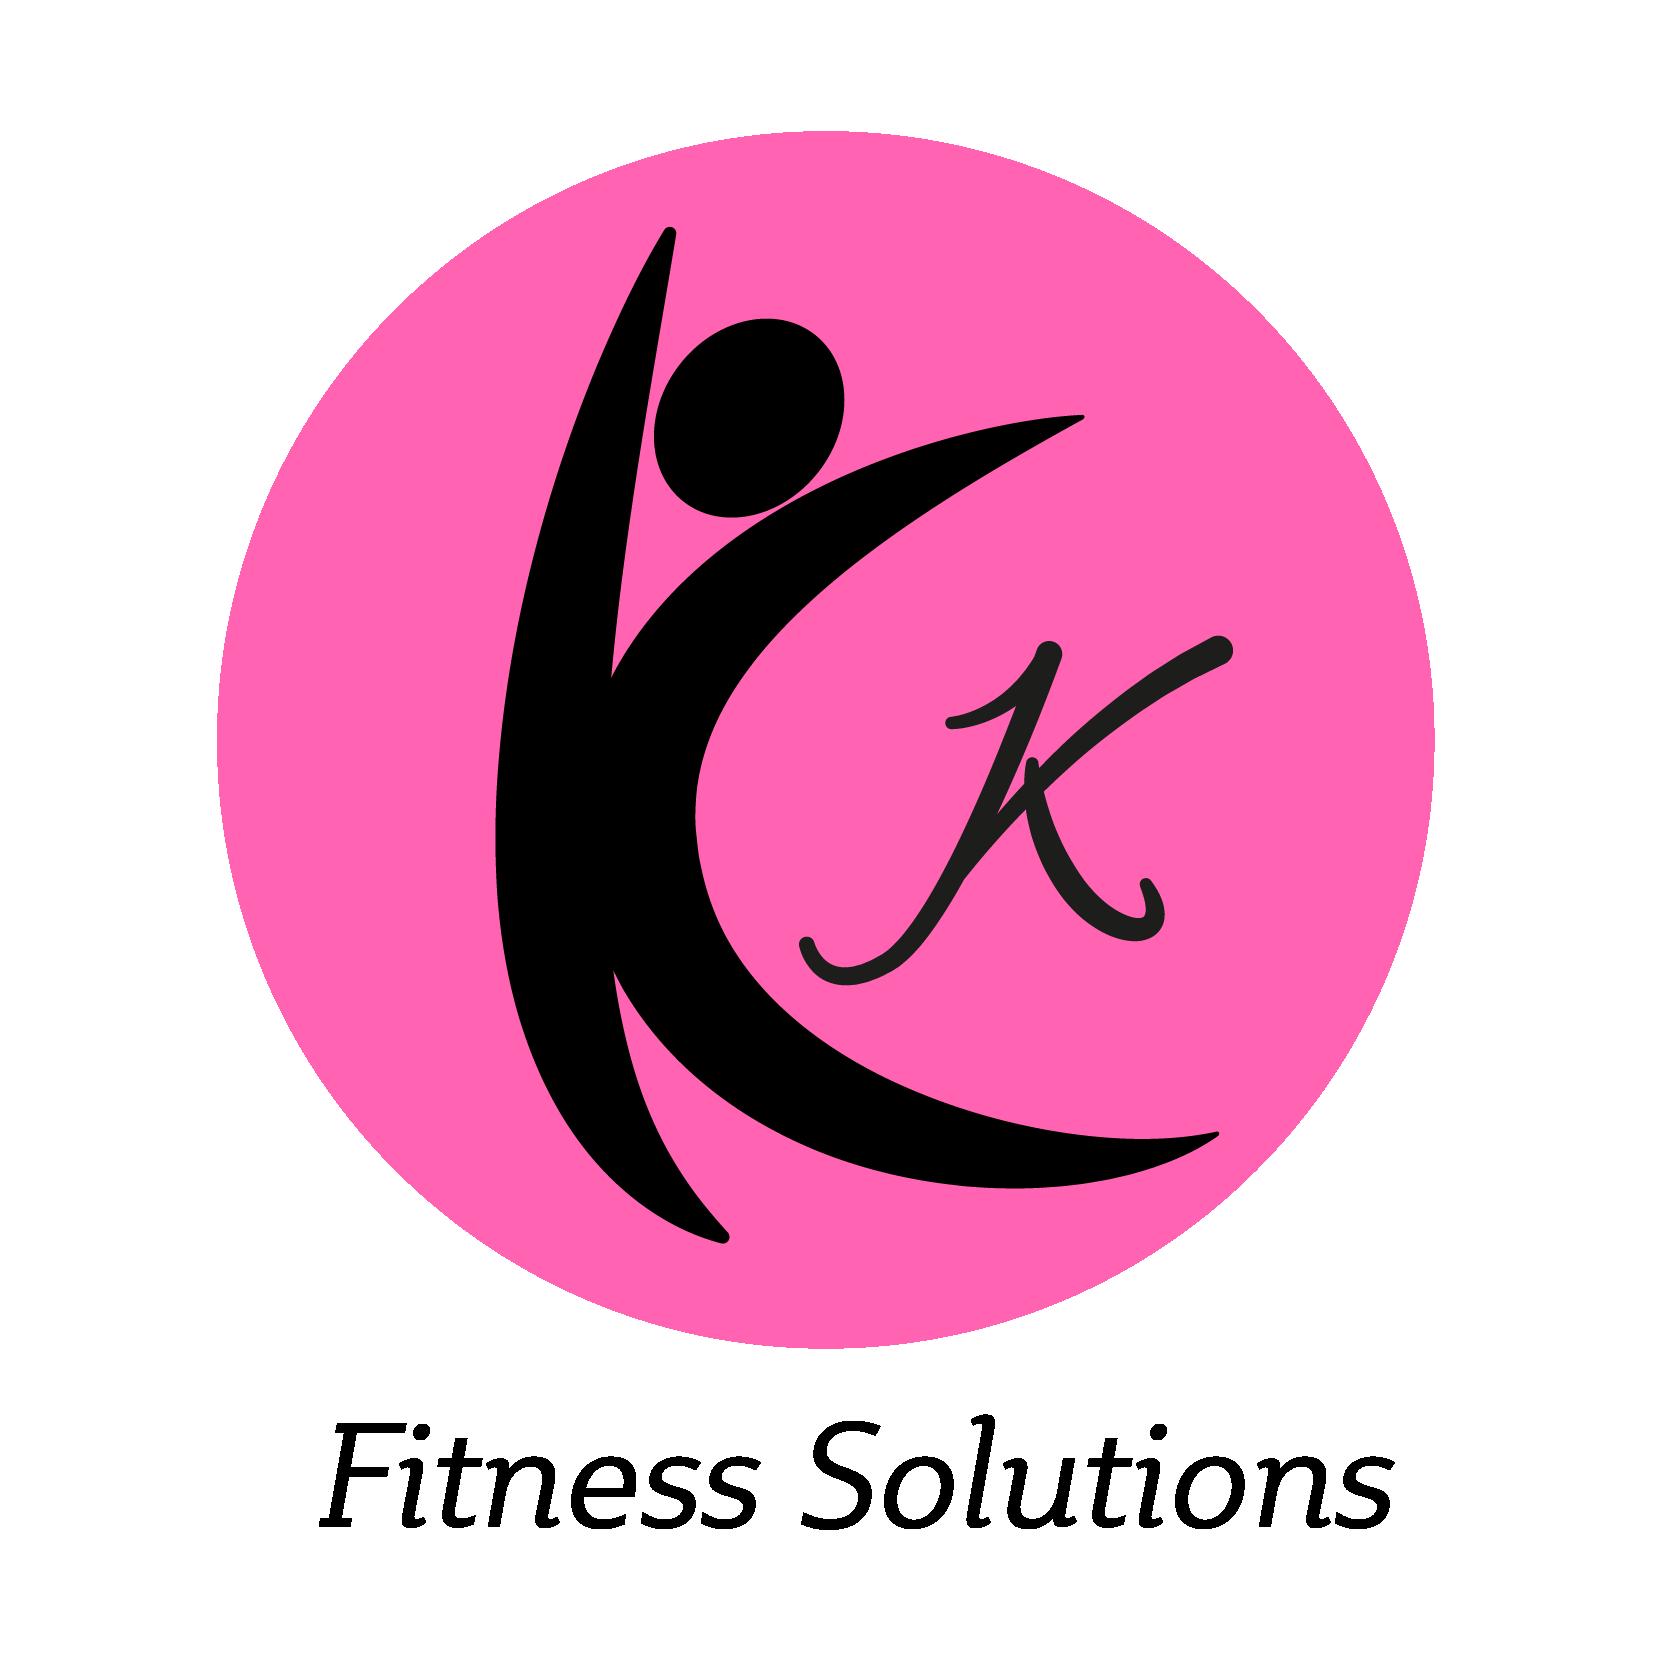 kk_fitness_solutions_2.0-01